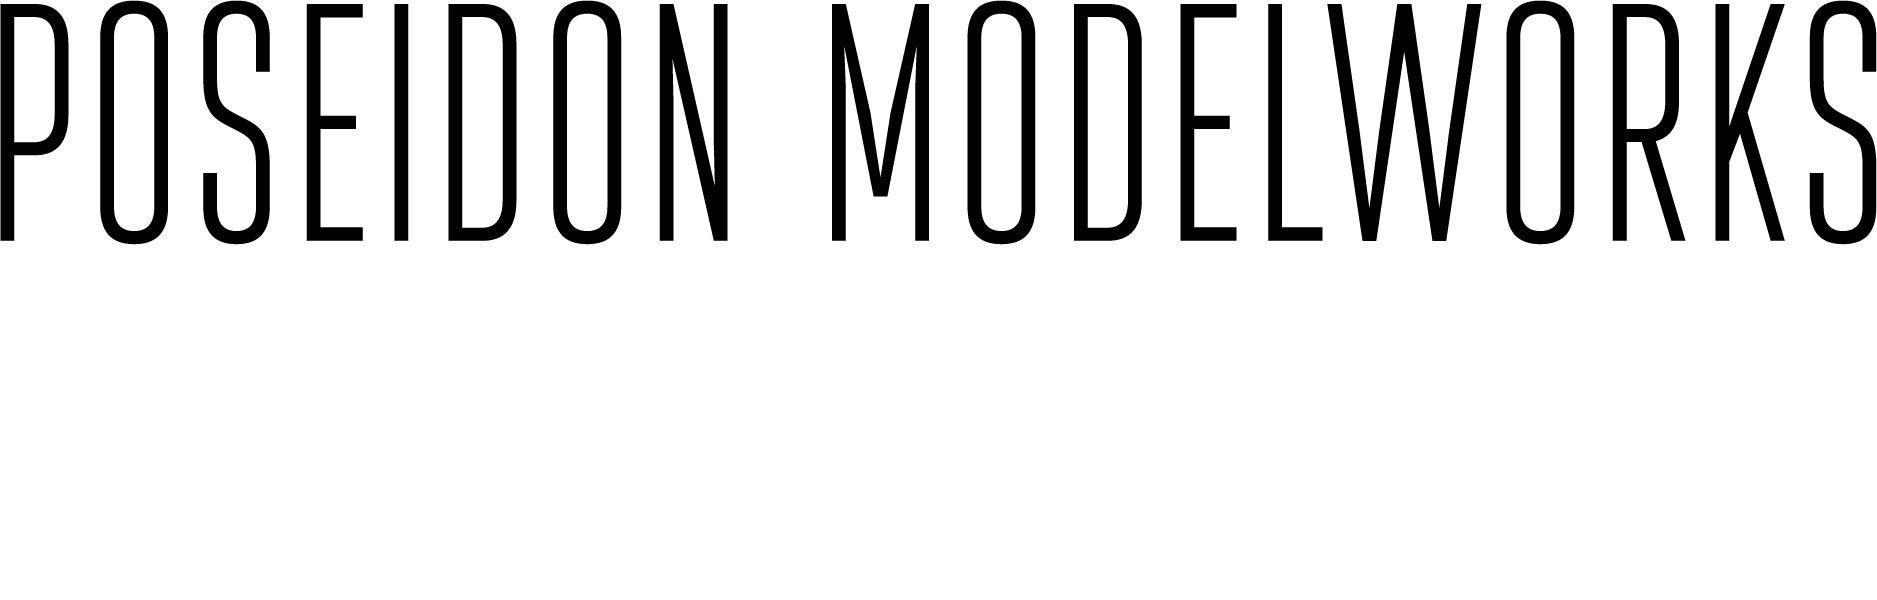 Poseidon_Modelworks_L